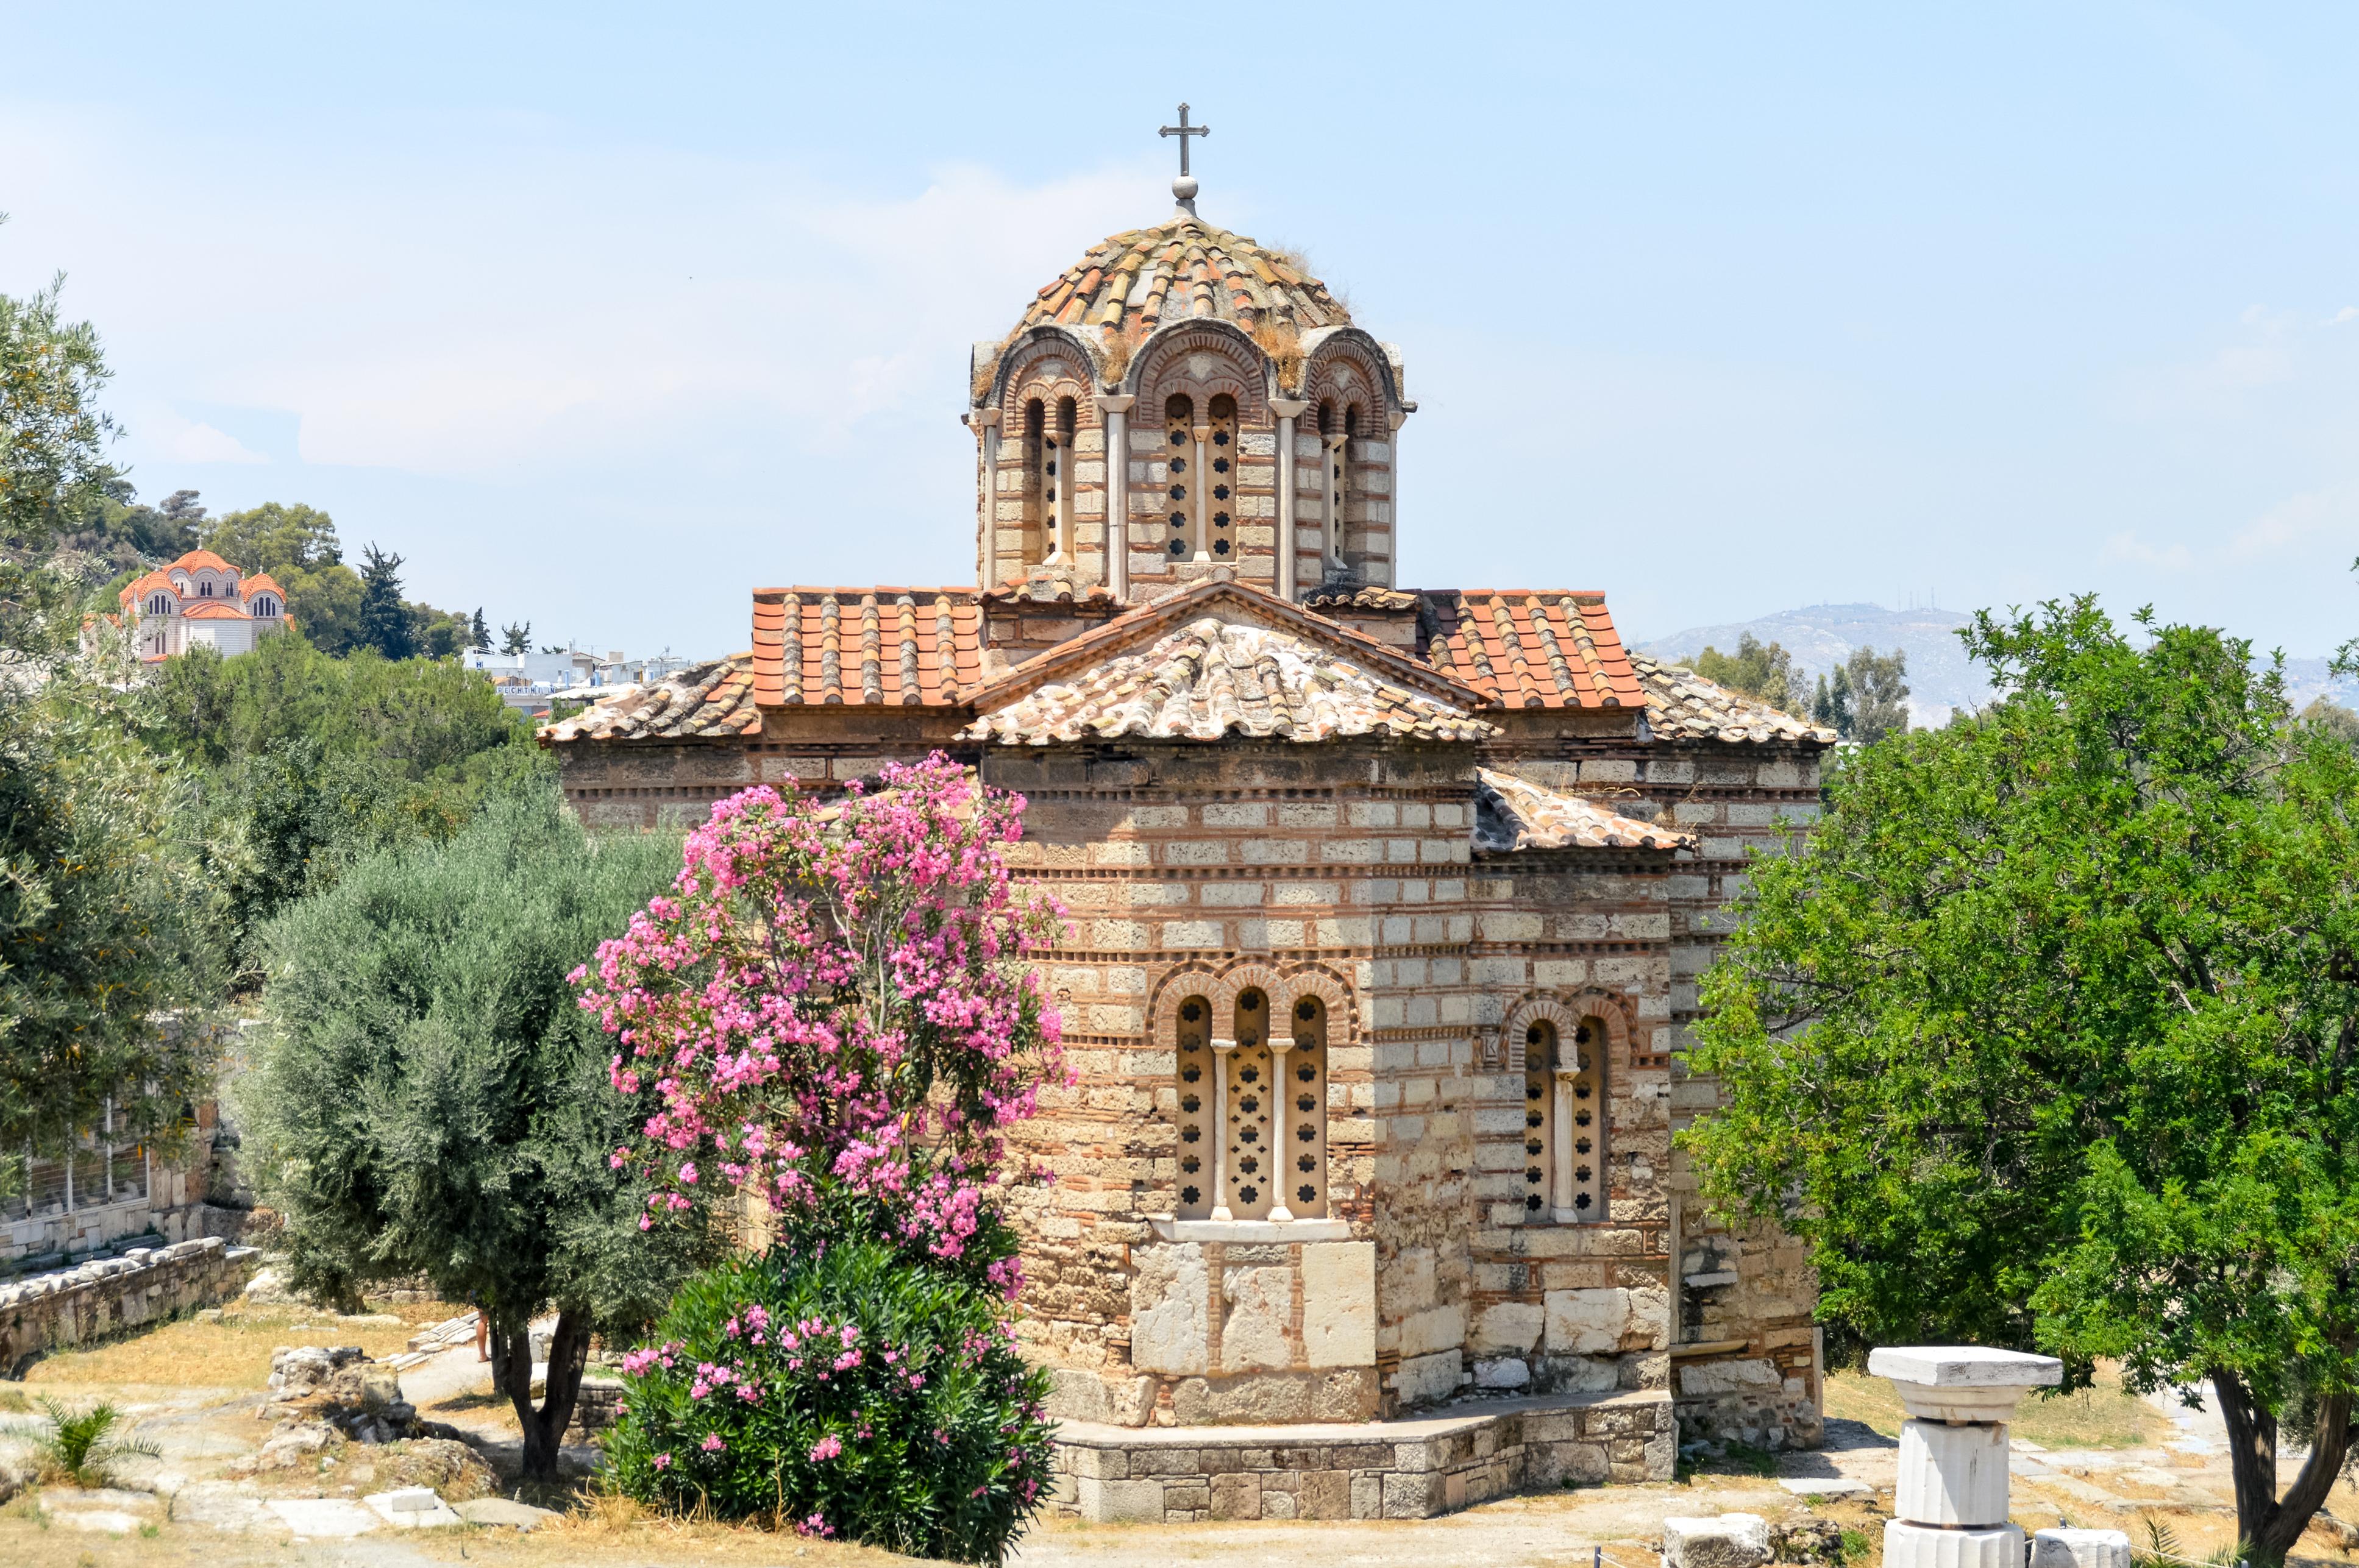 Circuito Grecia : Guía grecia circuito grecia clásica y crucero de 4 días b the